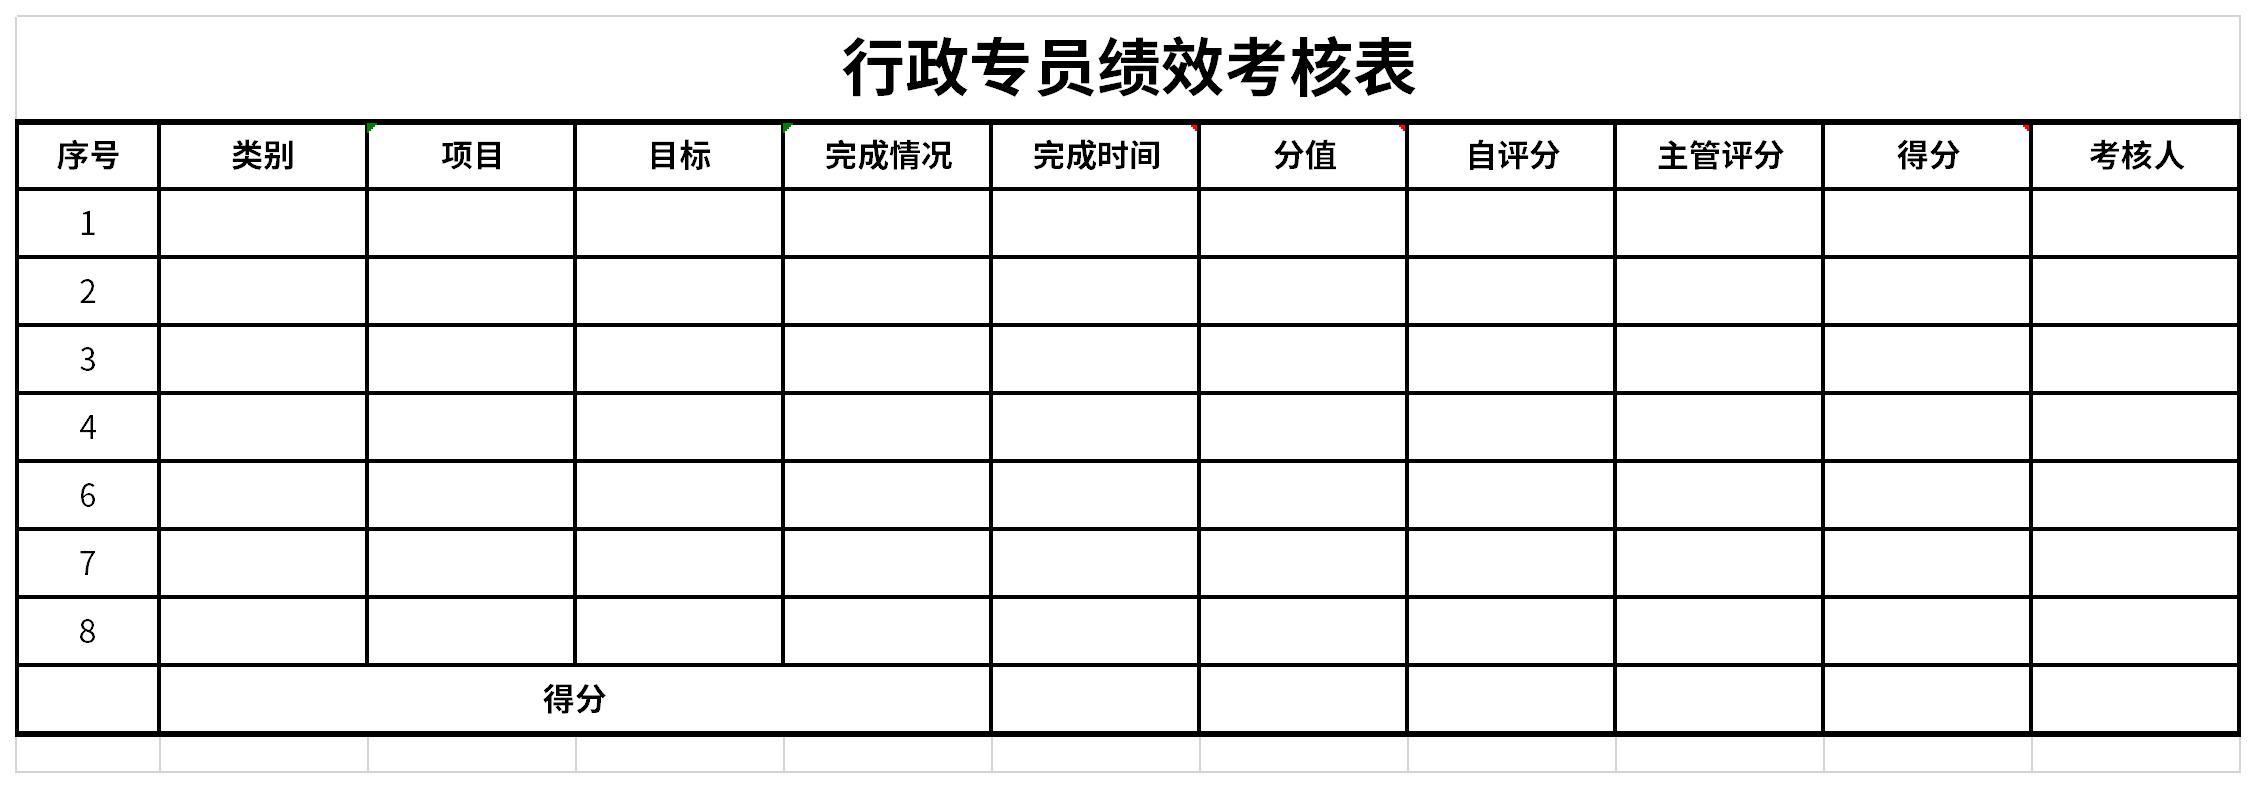 行政文员绩效考核表截图